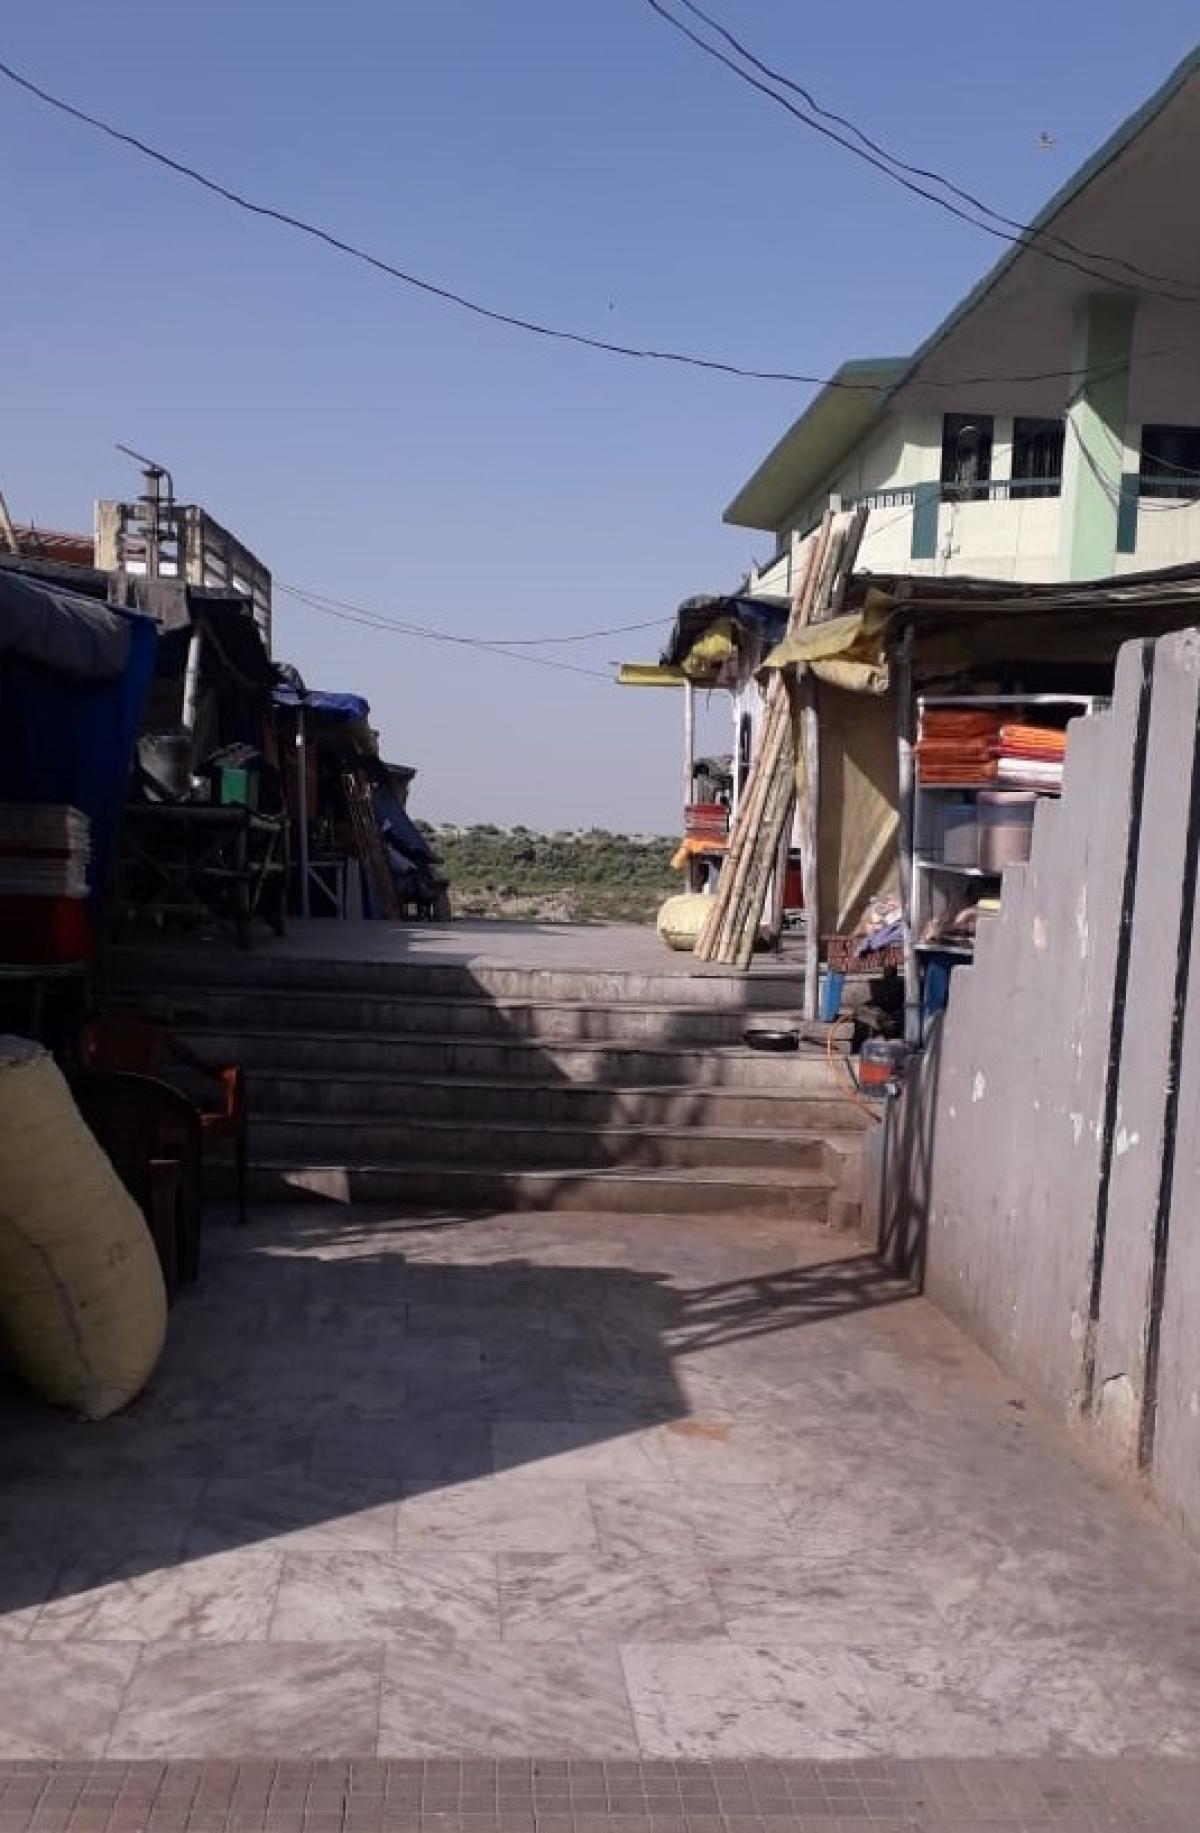 कोरोना का खौफ : अंतिम यात्रा में भी नहीं मिल पा रहा परिजनों का साथ